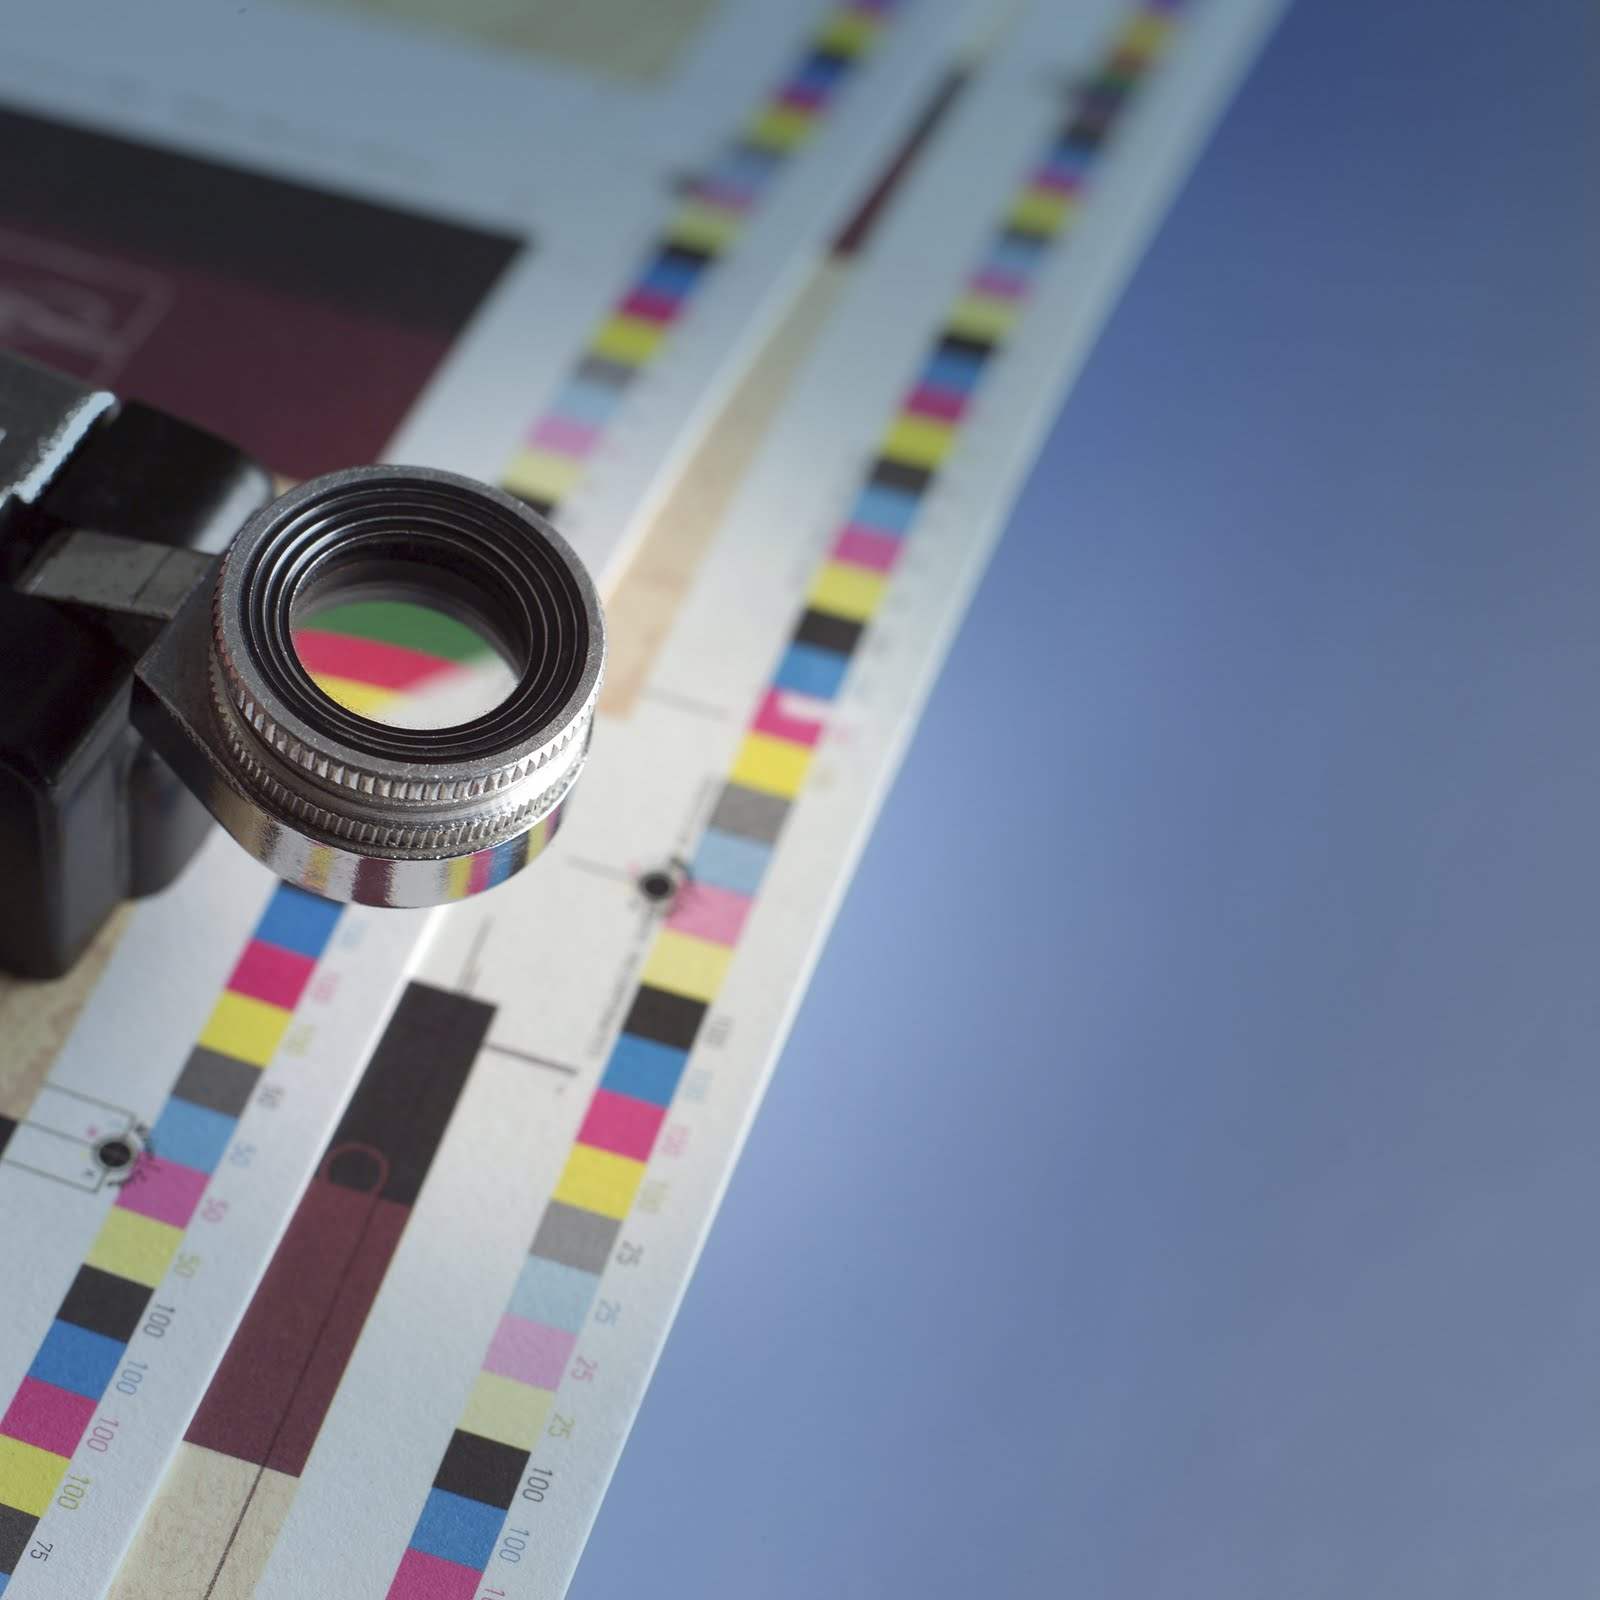 - Desde la planeación de un nuevo lanzamiento, nuestros servicios de Print Management realizan auditorías que ayudan a calificar y elegir a los proveedores más adecuados de impresión. En la etapa de diseño creativo, guían a las agencias a diseñar de manera factible, realizable, de acuerdo a las capacidades de los impresores aprobados. Más adelante, desarrollando los estándares de color que han de usarse durante todo el proceso para lograr la reproducción óptima de la marca en todos los empaques. Finalmente, asegurando la calidad y consistencia de cada SKU durante las corridas de impresión mediante aprobaciones a pie de máquina y evaluaciones de resultados impresos.El alcance y las necesidades de las marcas pueden ser variables, por eso personalizamos servicios de acuerdo al tamaño y tipo de proyecto:• Print Managers, a cargo de todo el proceso• Evaluación de proveedores de impresión• Fingerprints (Caracterizaciones de Prensa) para definir espacios de color• Press Approvals (Aprobaciones a pie de máquina).